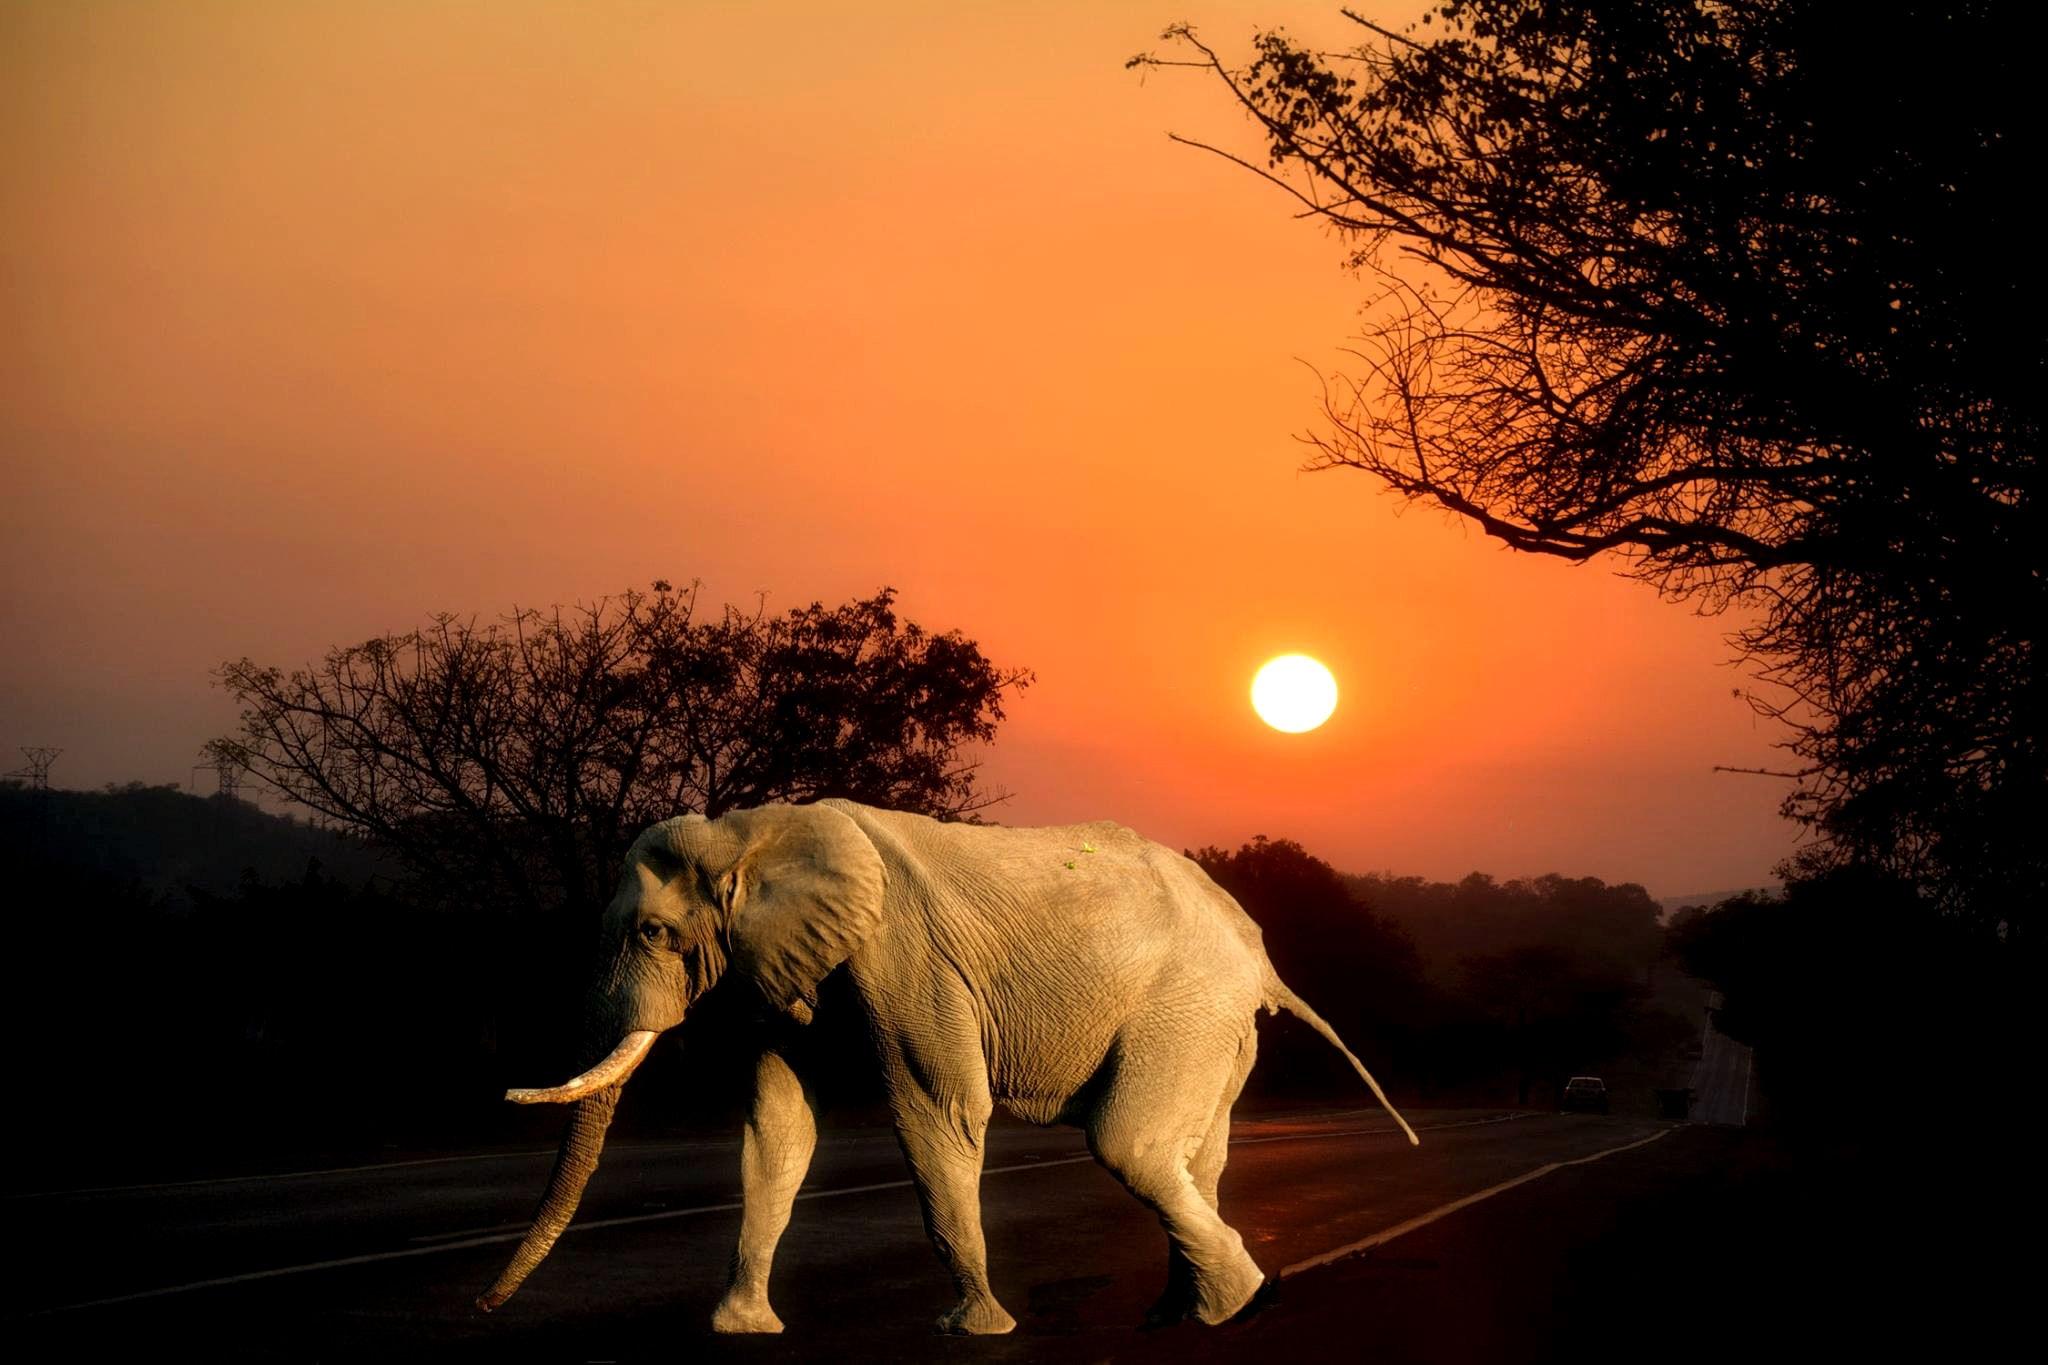 lugares incríveis para conhecer na África do Sul